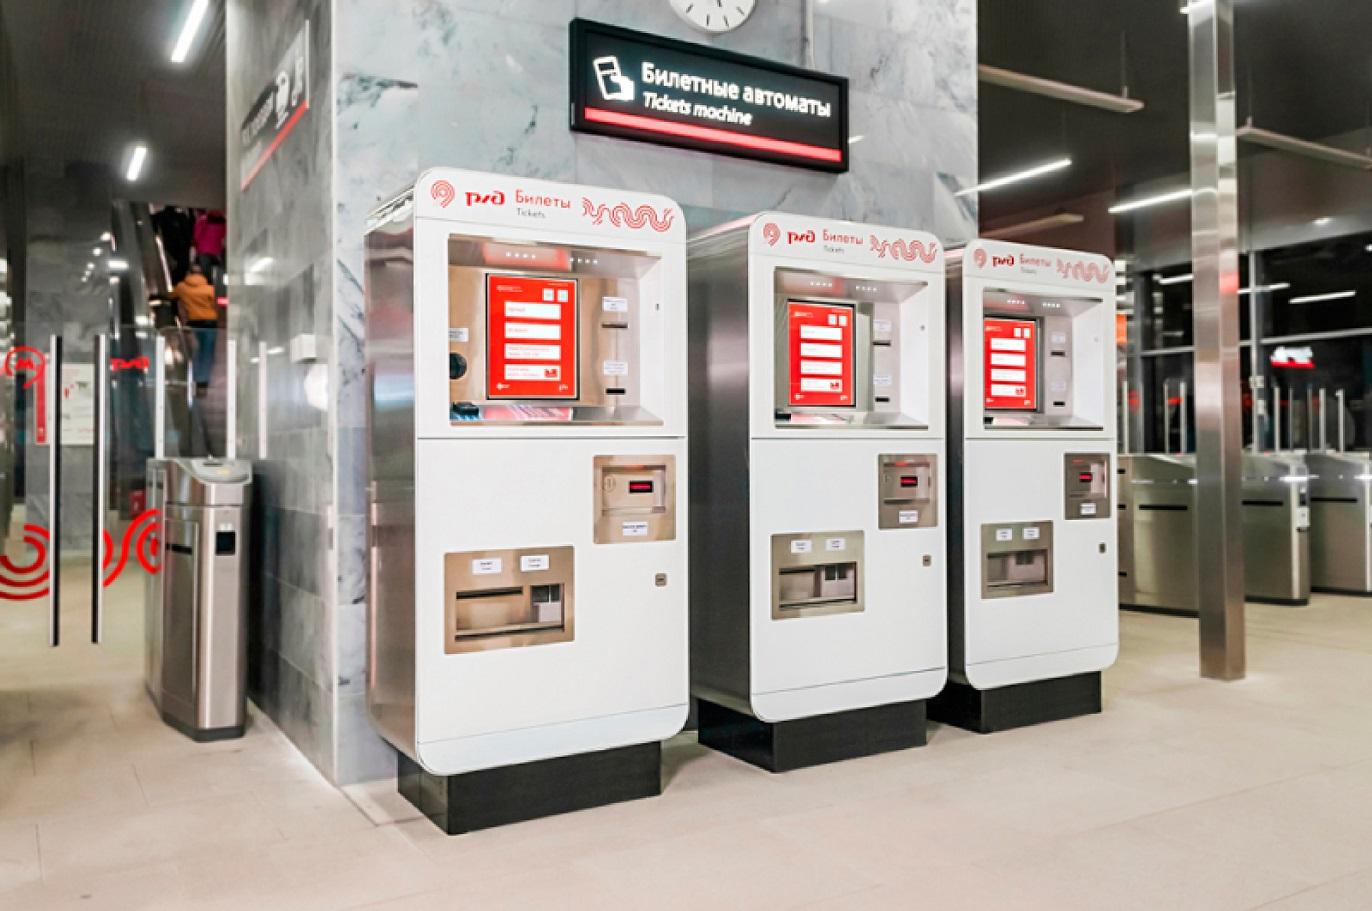 Zytronic将装配 1,600 台自动售票机 于莫斯科地铁和公交车站